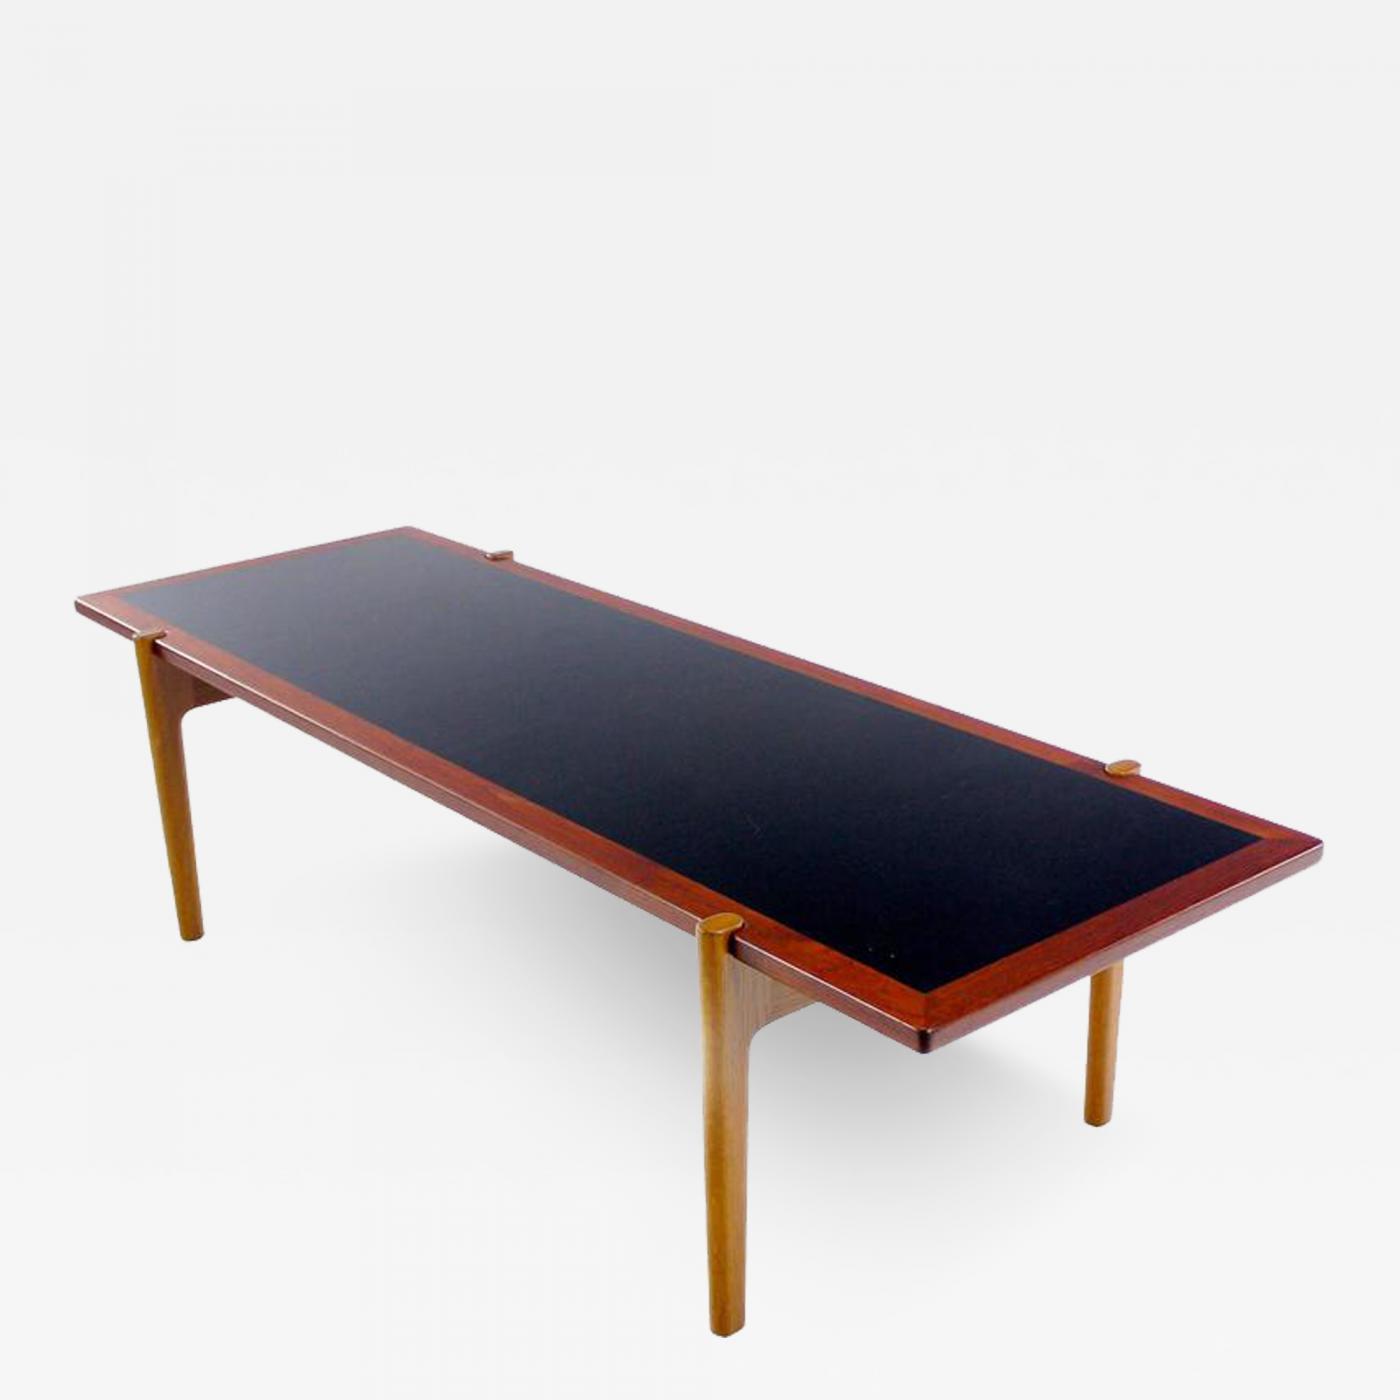 Hans Wegner Danish Modern Teak Oak Reversible Coffee Table Designed By Hans Wegner